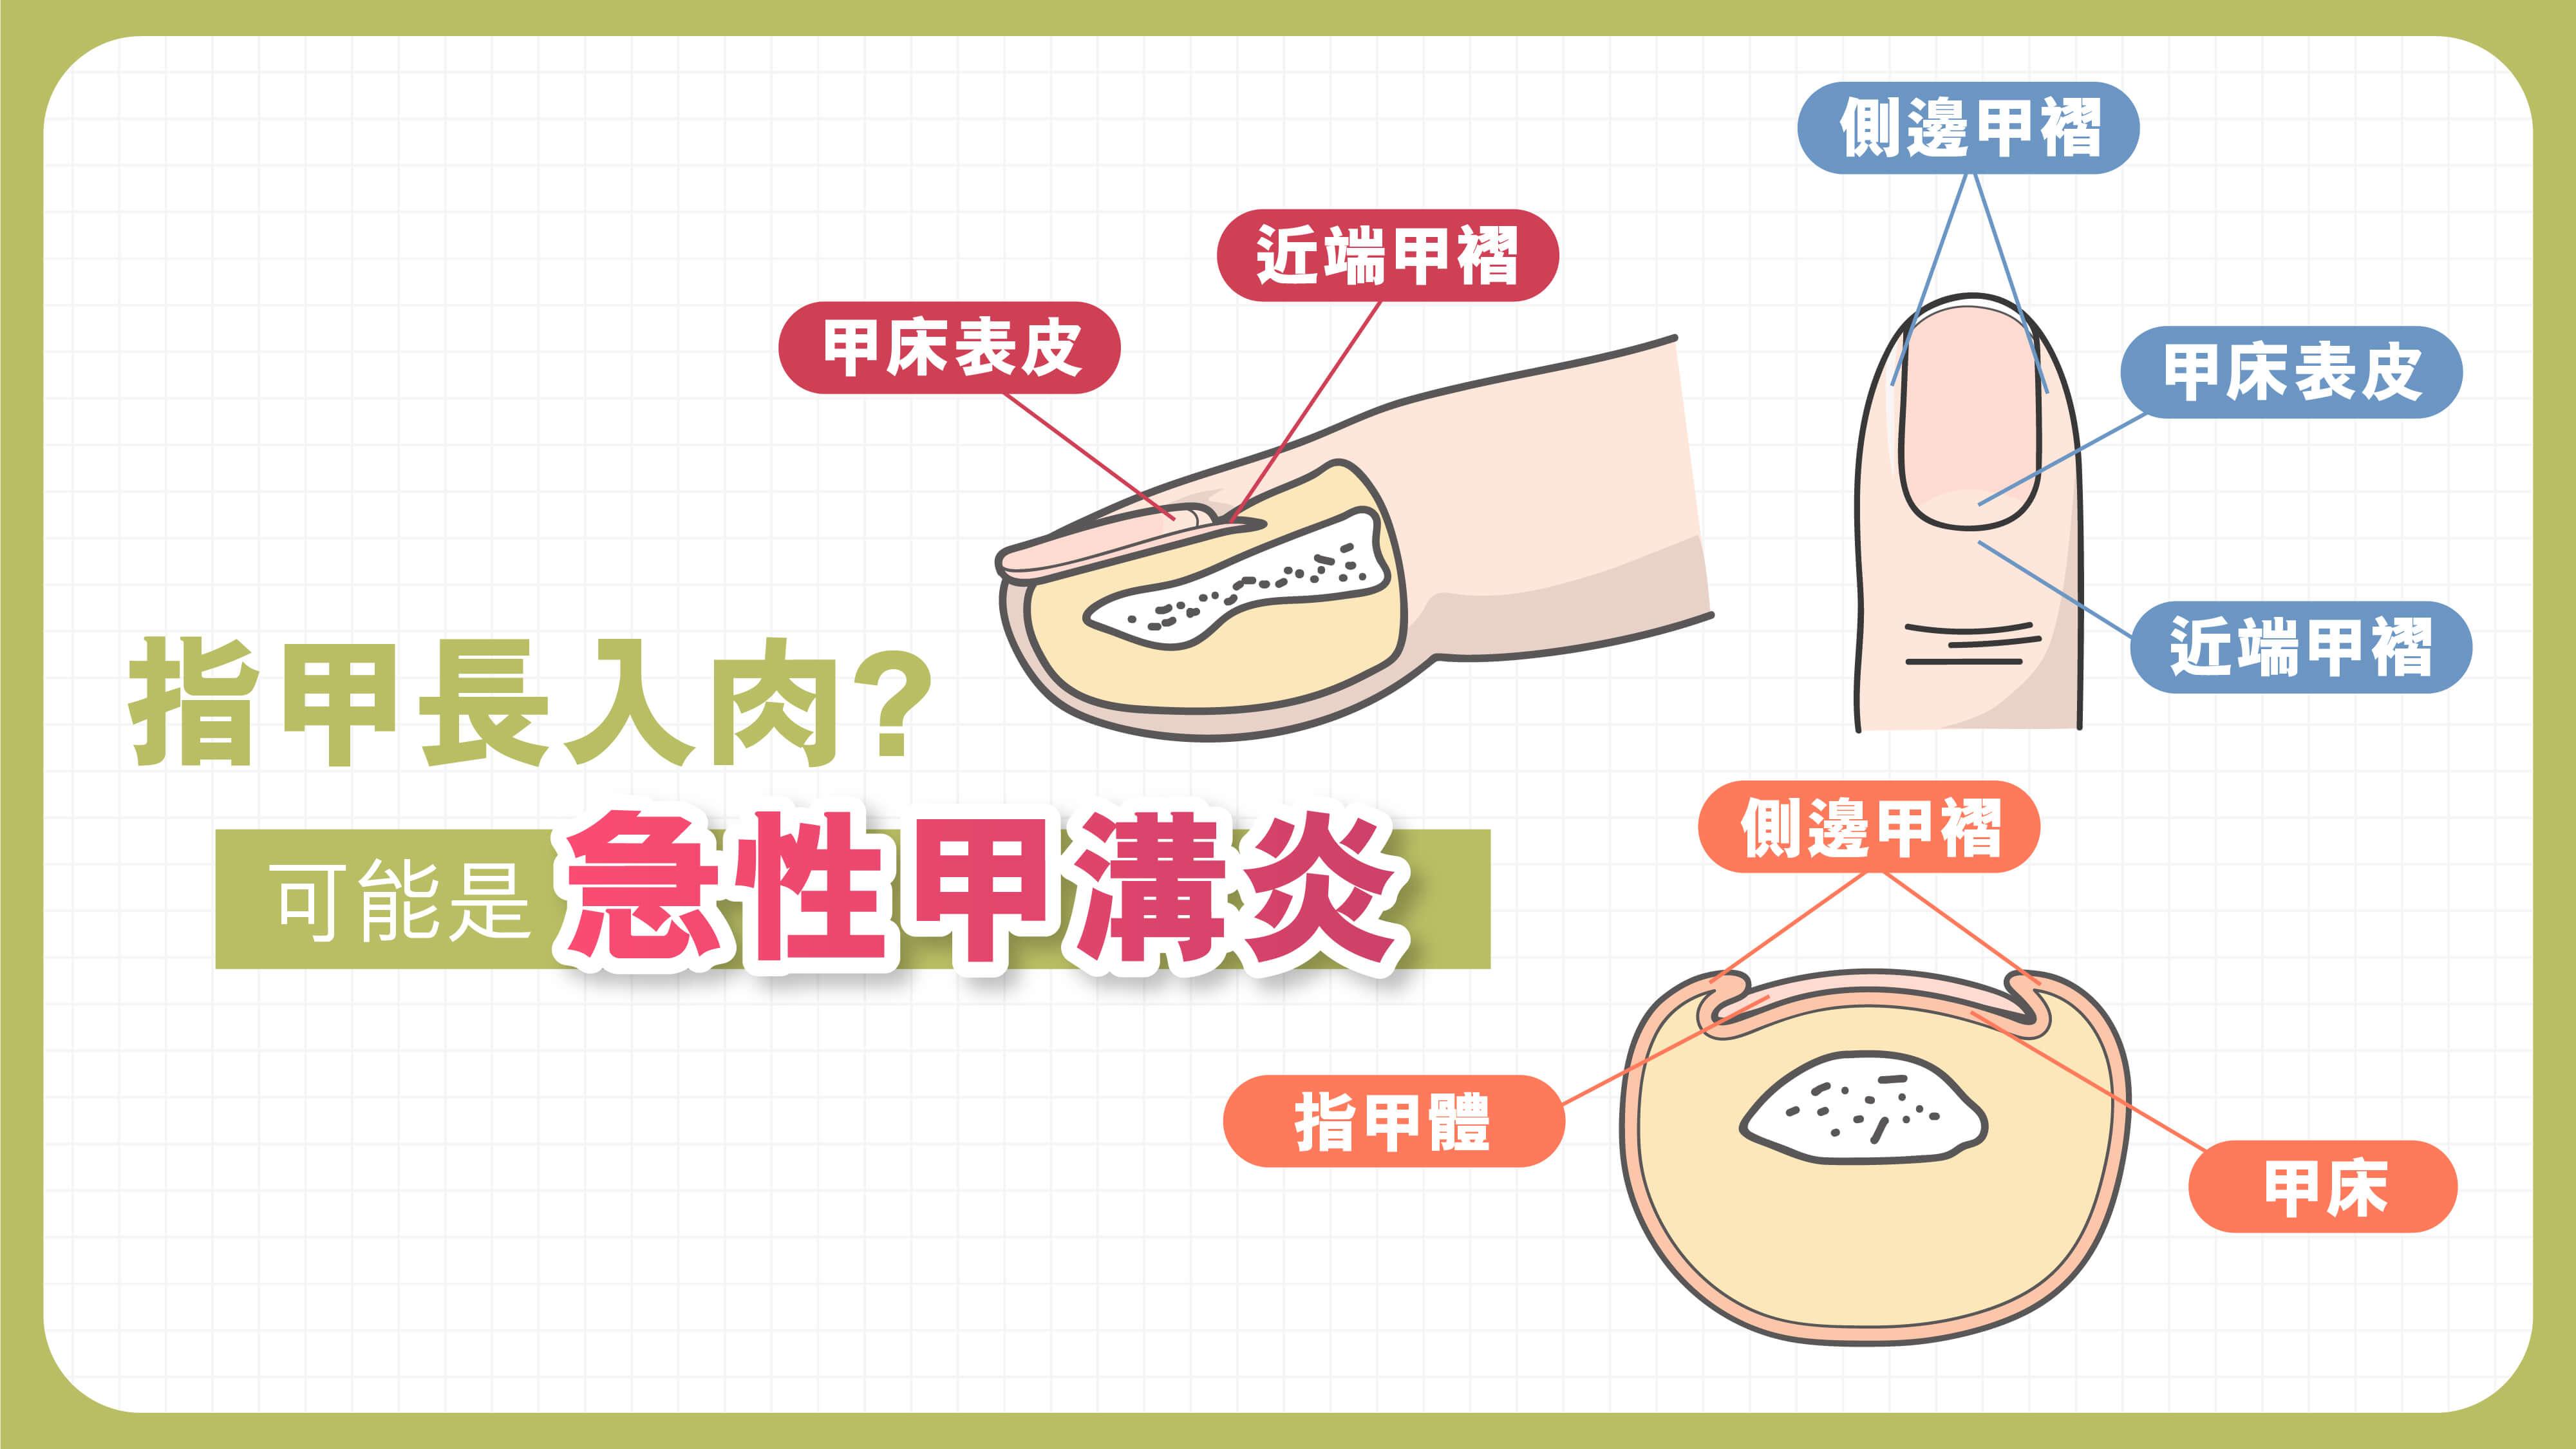 【指甲長入肉?】可能是急性甲溝炎